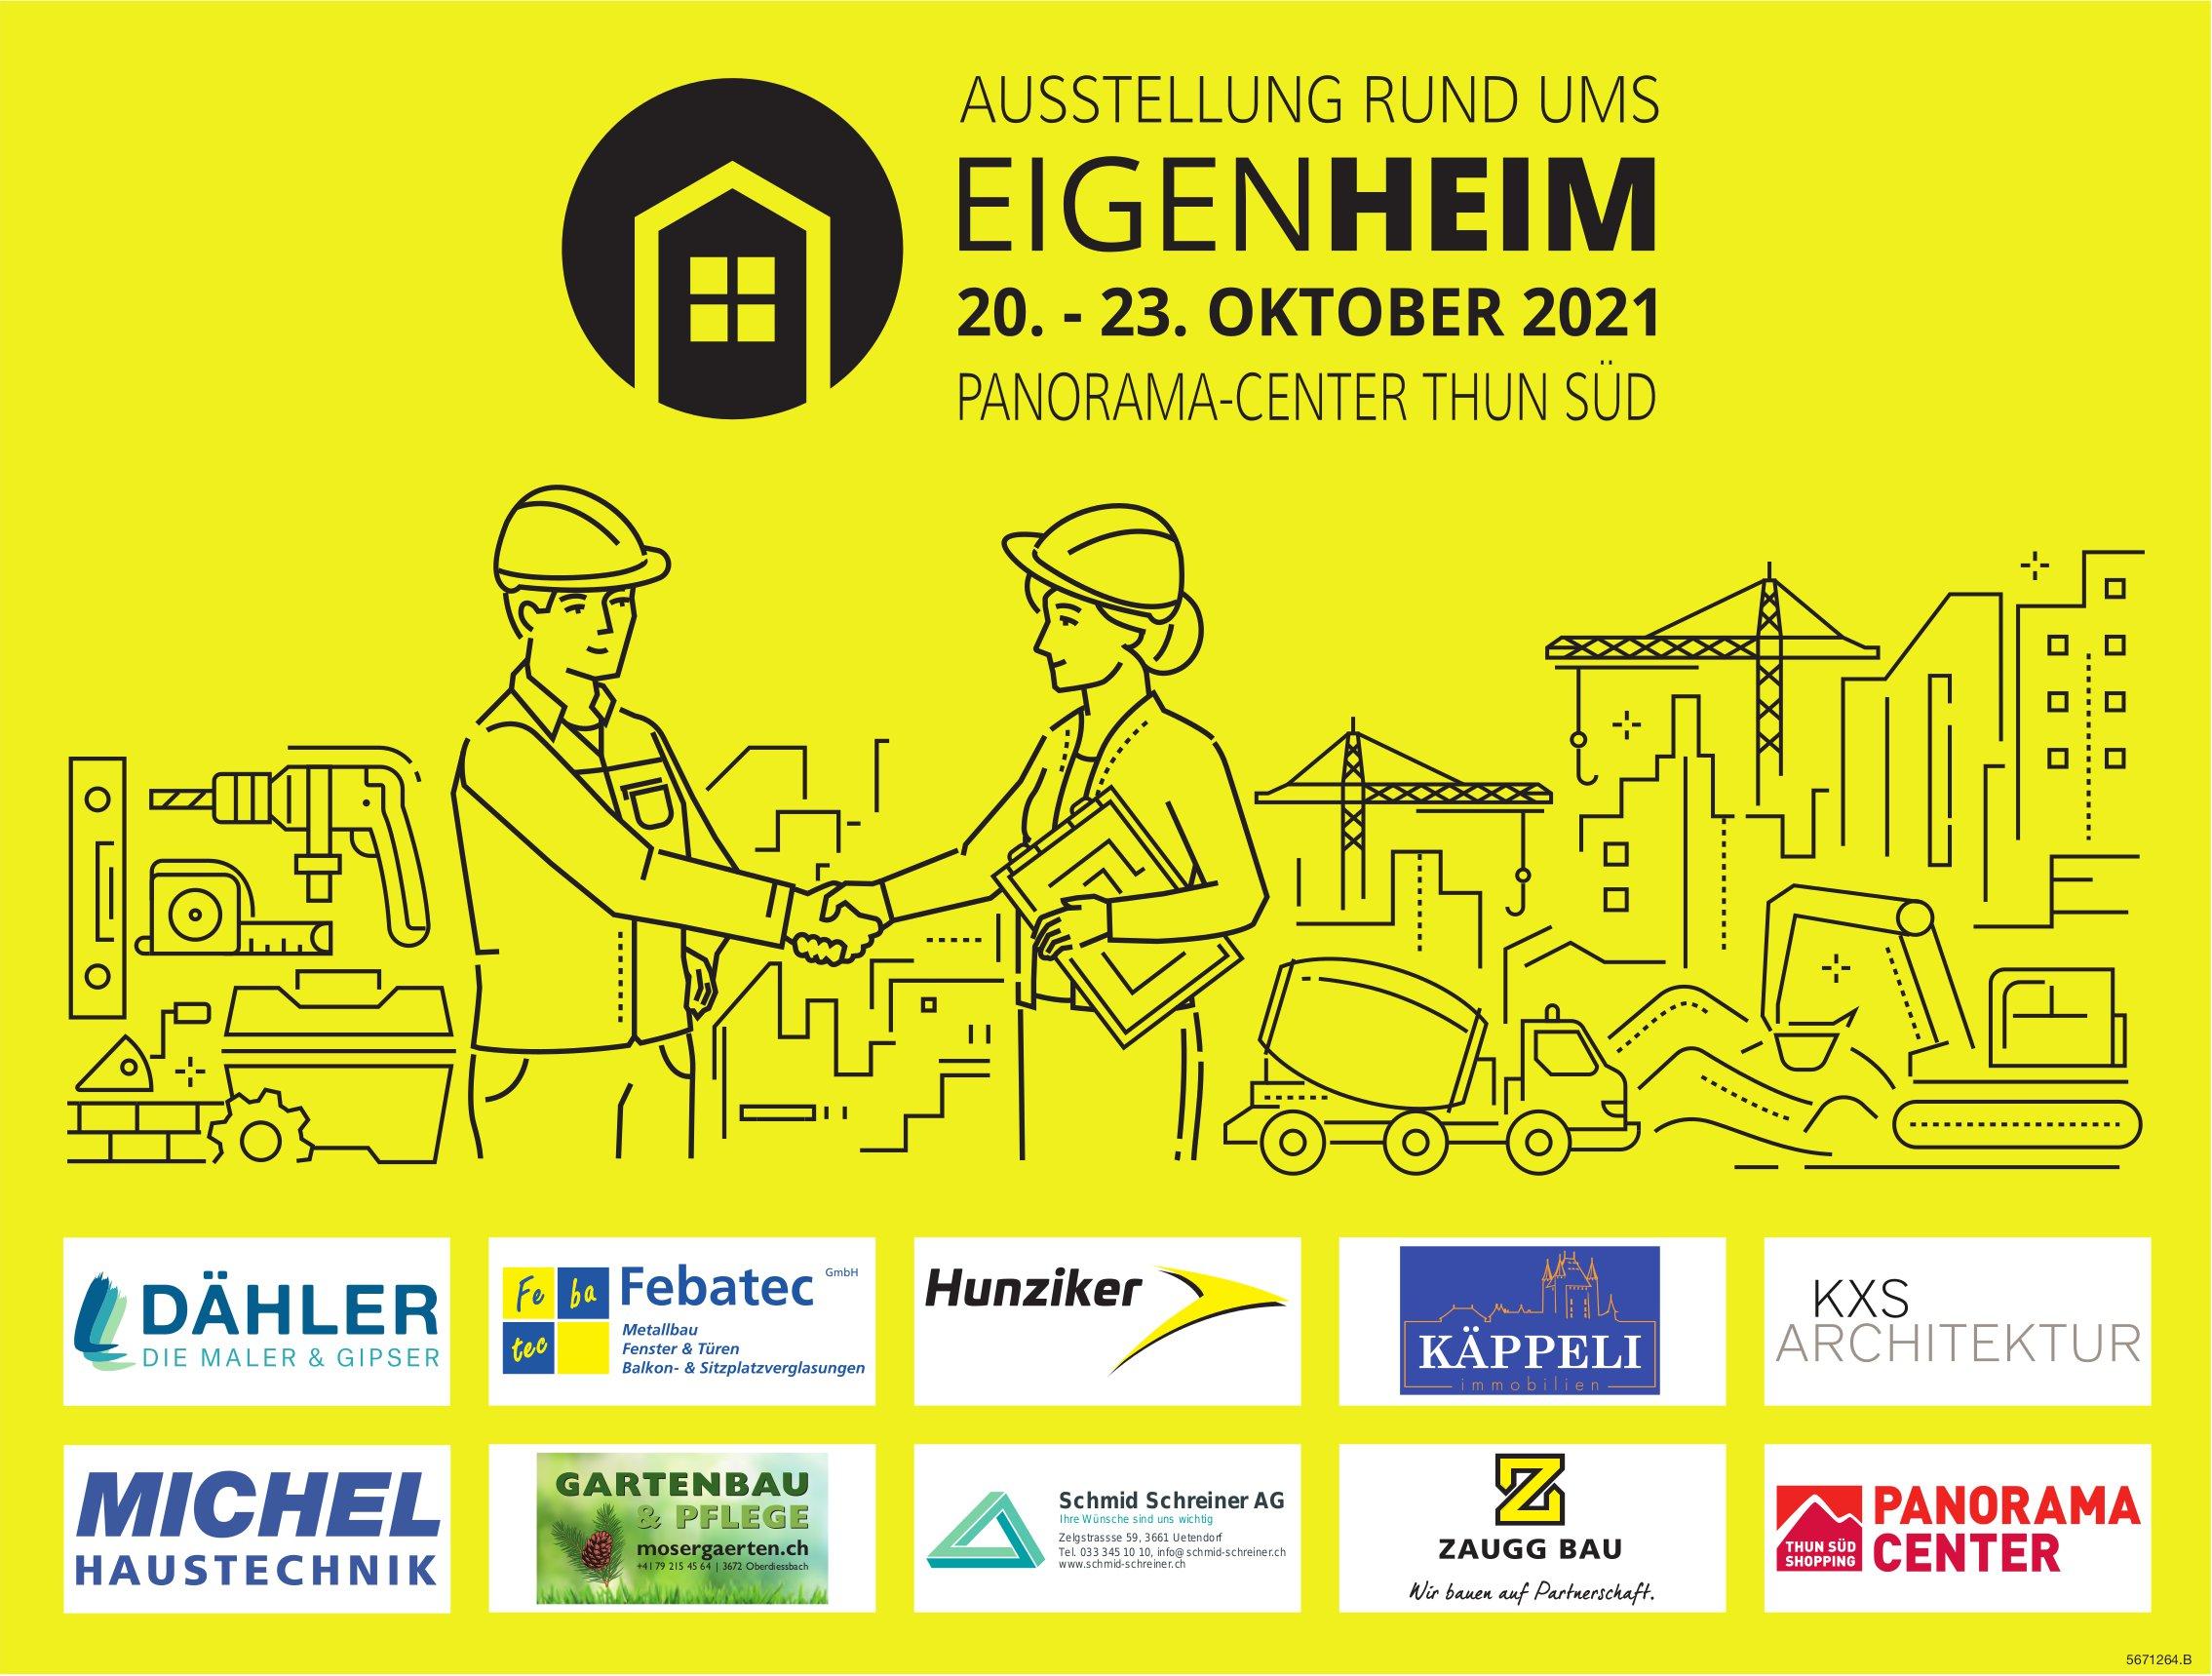 Ausstellung Rund ums Eigenheim, 20. - 23. Oktober, Panorama-Center, Thun Süd